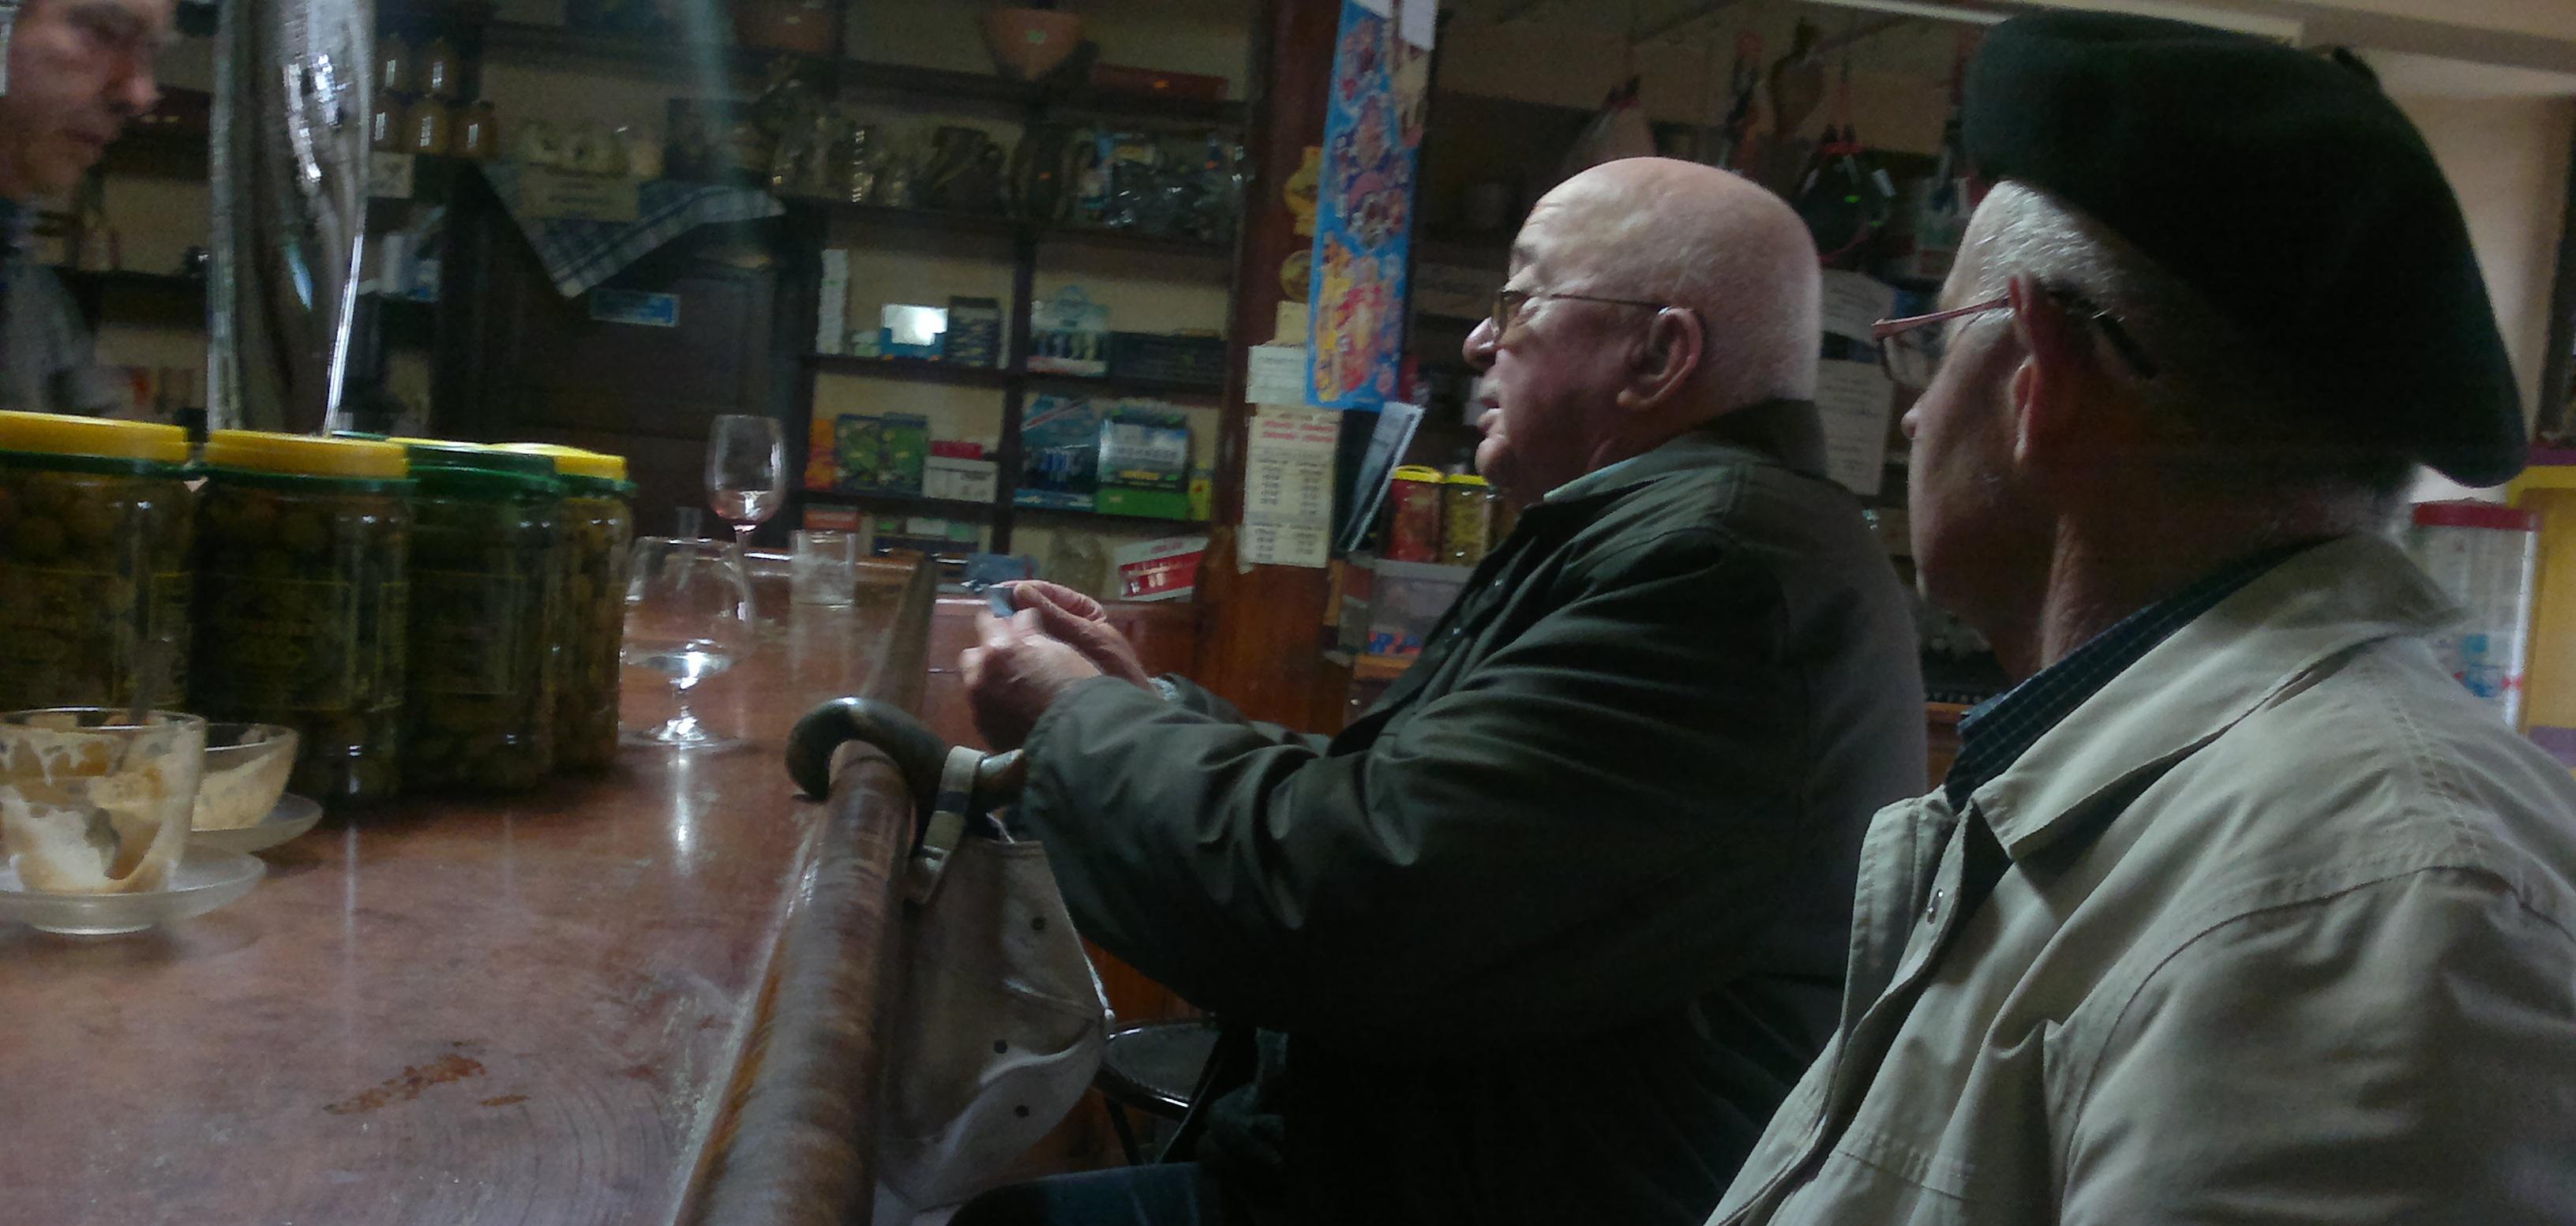 Tomando un vino en el bar de Espejo.